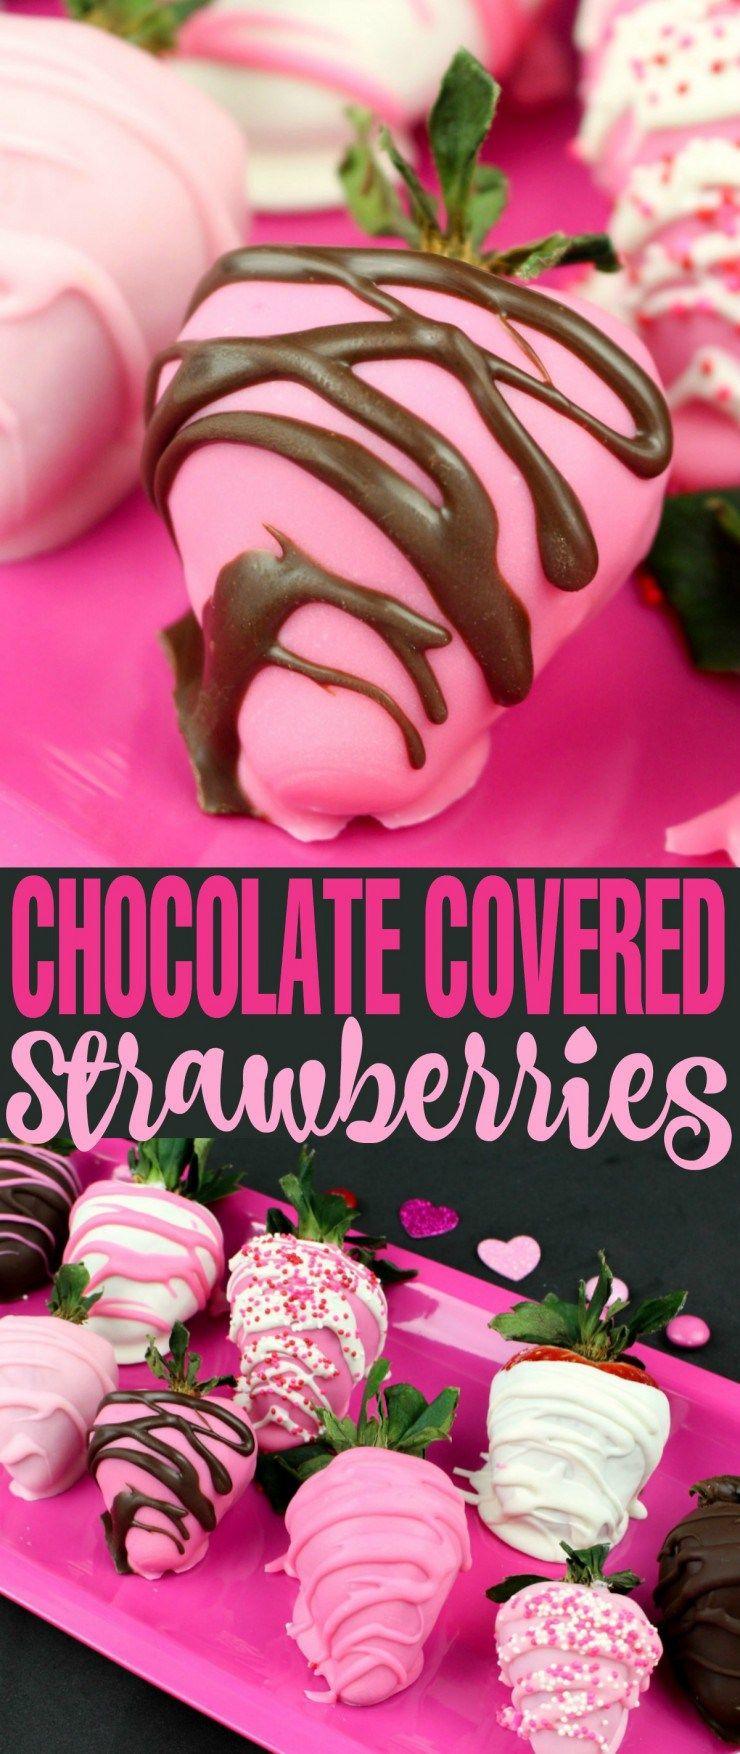 7 Super Easy Valentine's Day Desserts -   13 desserts Sweets valentines day ideas